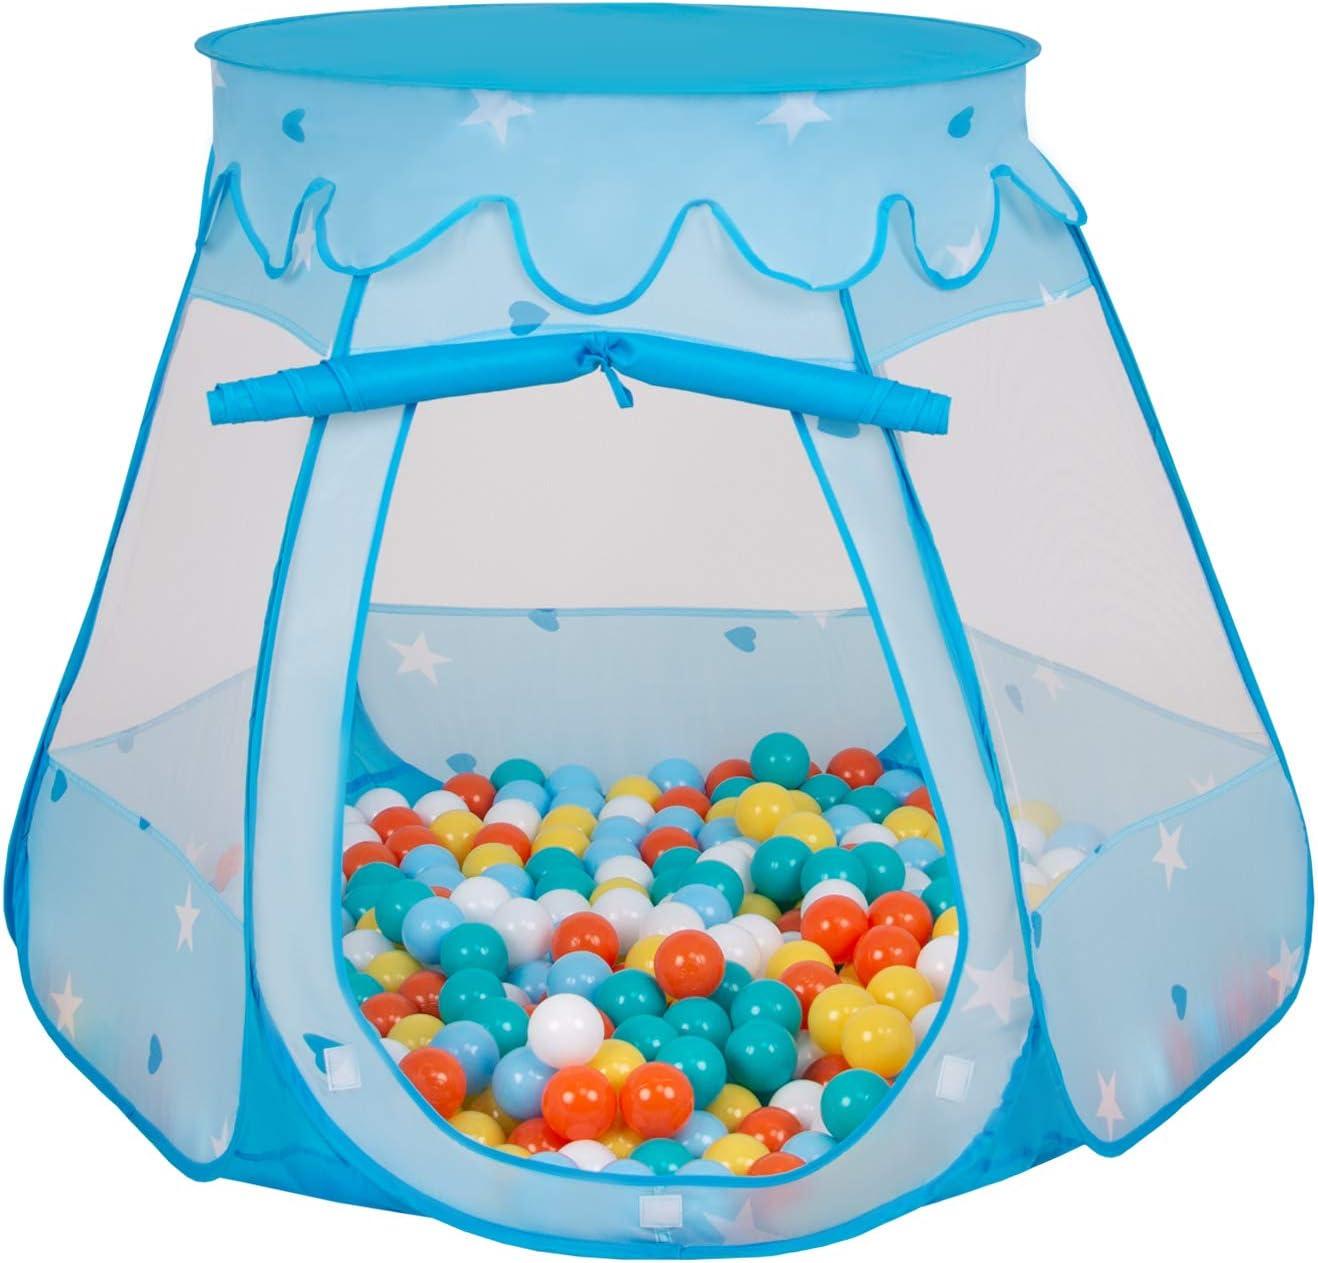 Rose Selonis Tente 105X90cm//SANS Balles Ch/âteau avec Les Balles Plastiques Piscine /À Balles pour Enfants Gris-Blanc-Rose